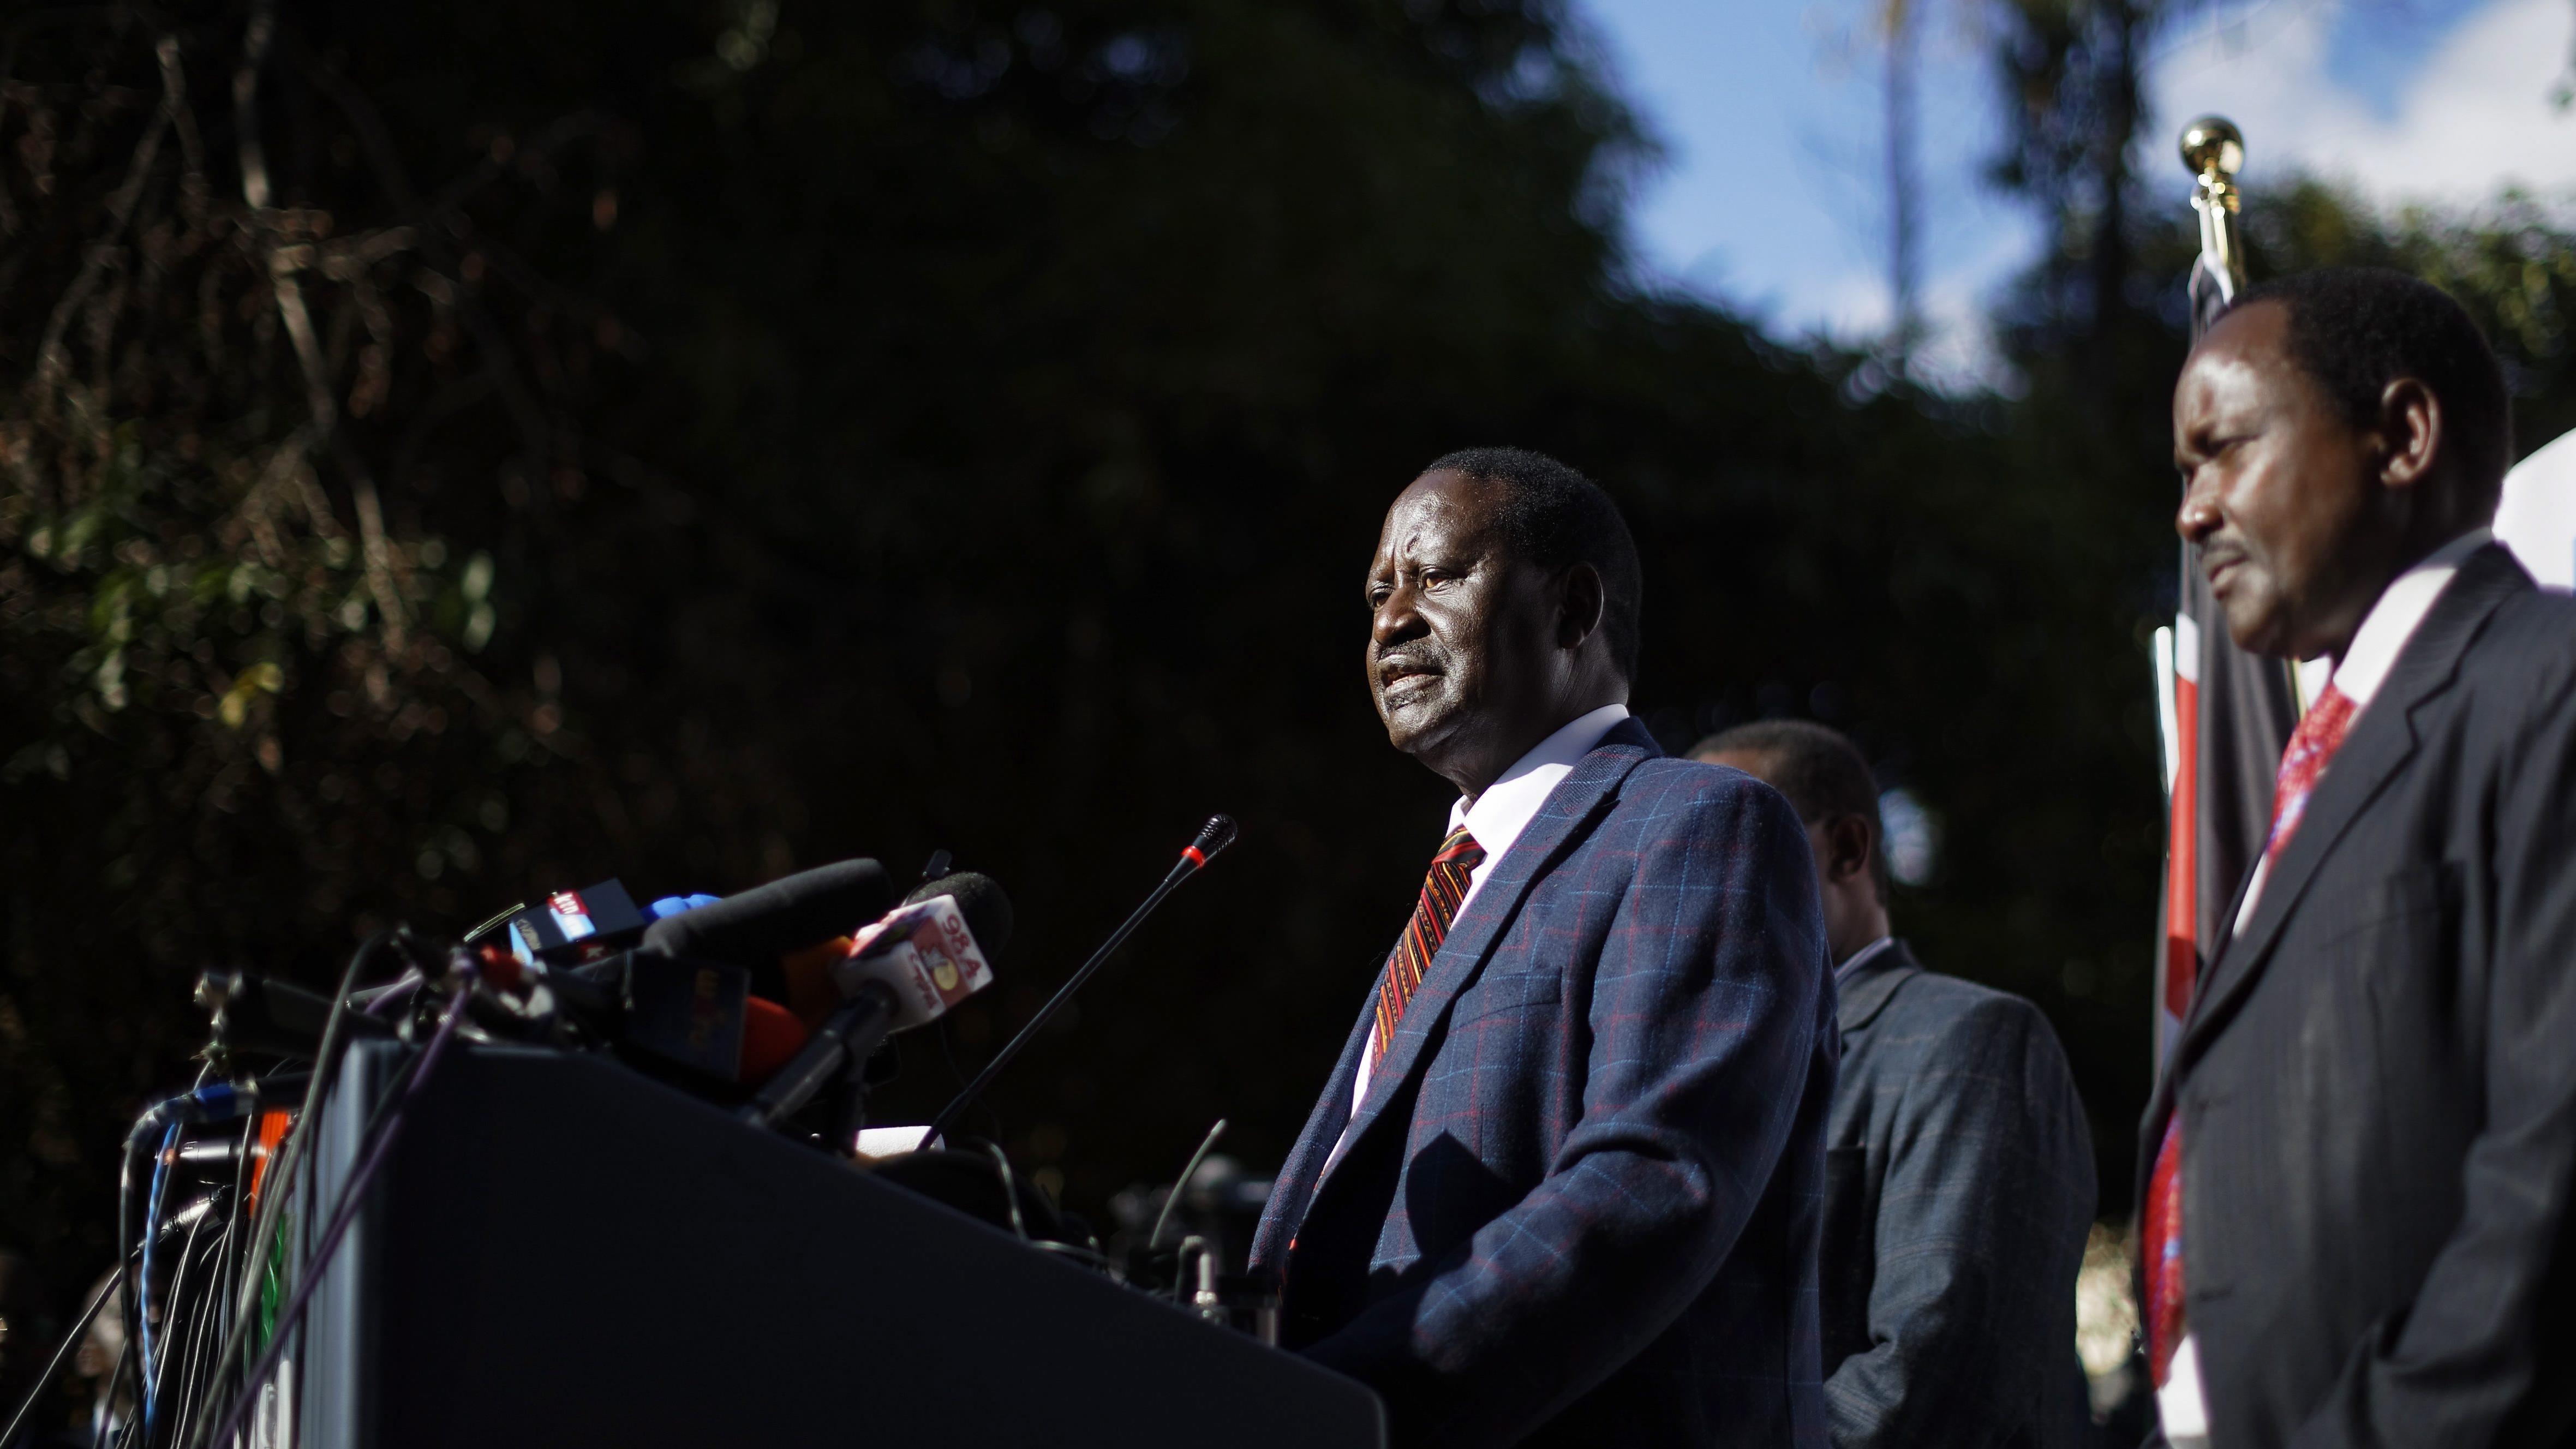 L'opposition kenyane conteste la présidentielle devant la Cour suprême